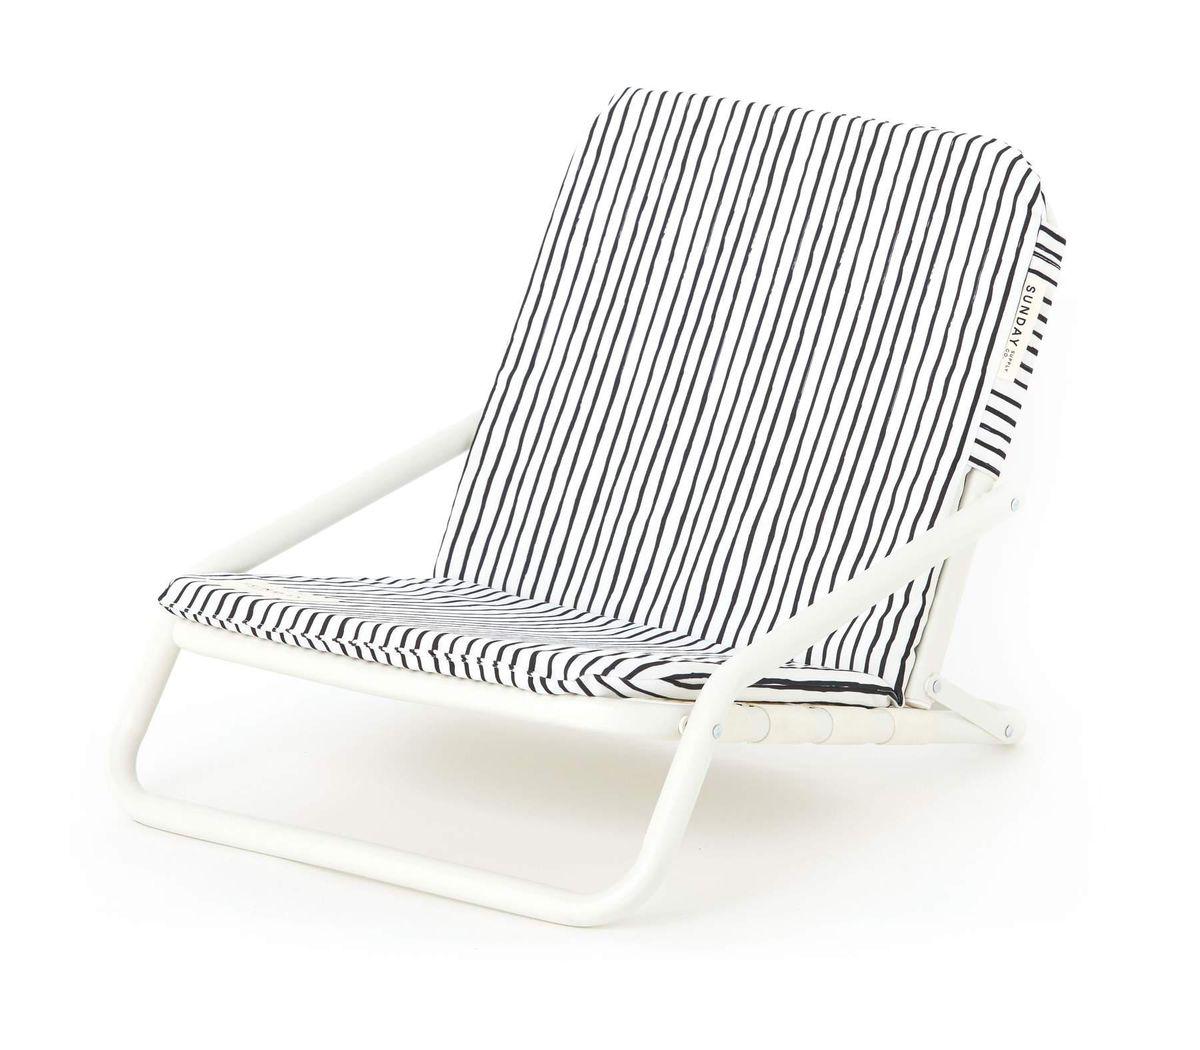 Natural Instinct Beach Chair